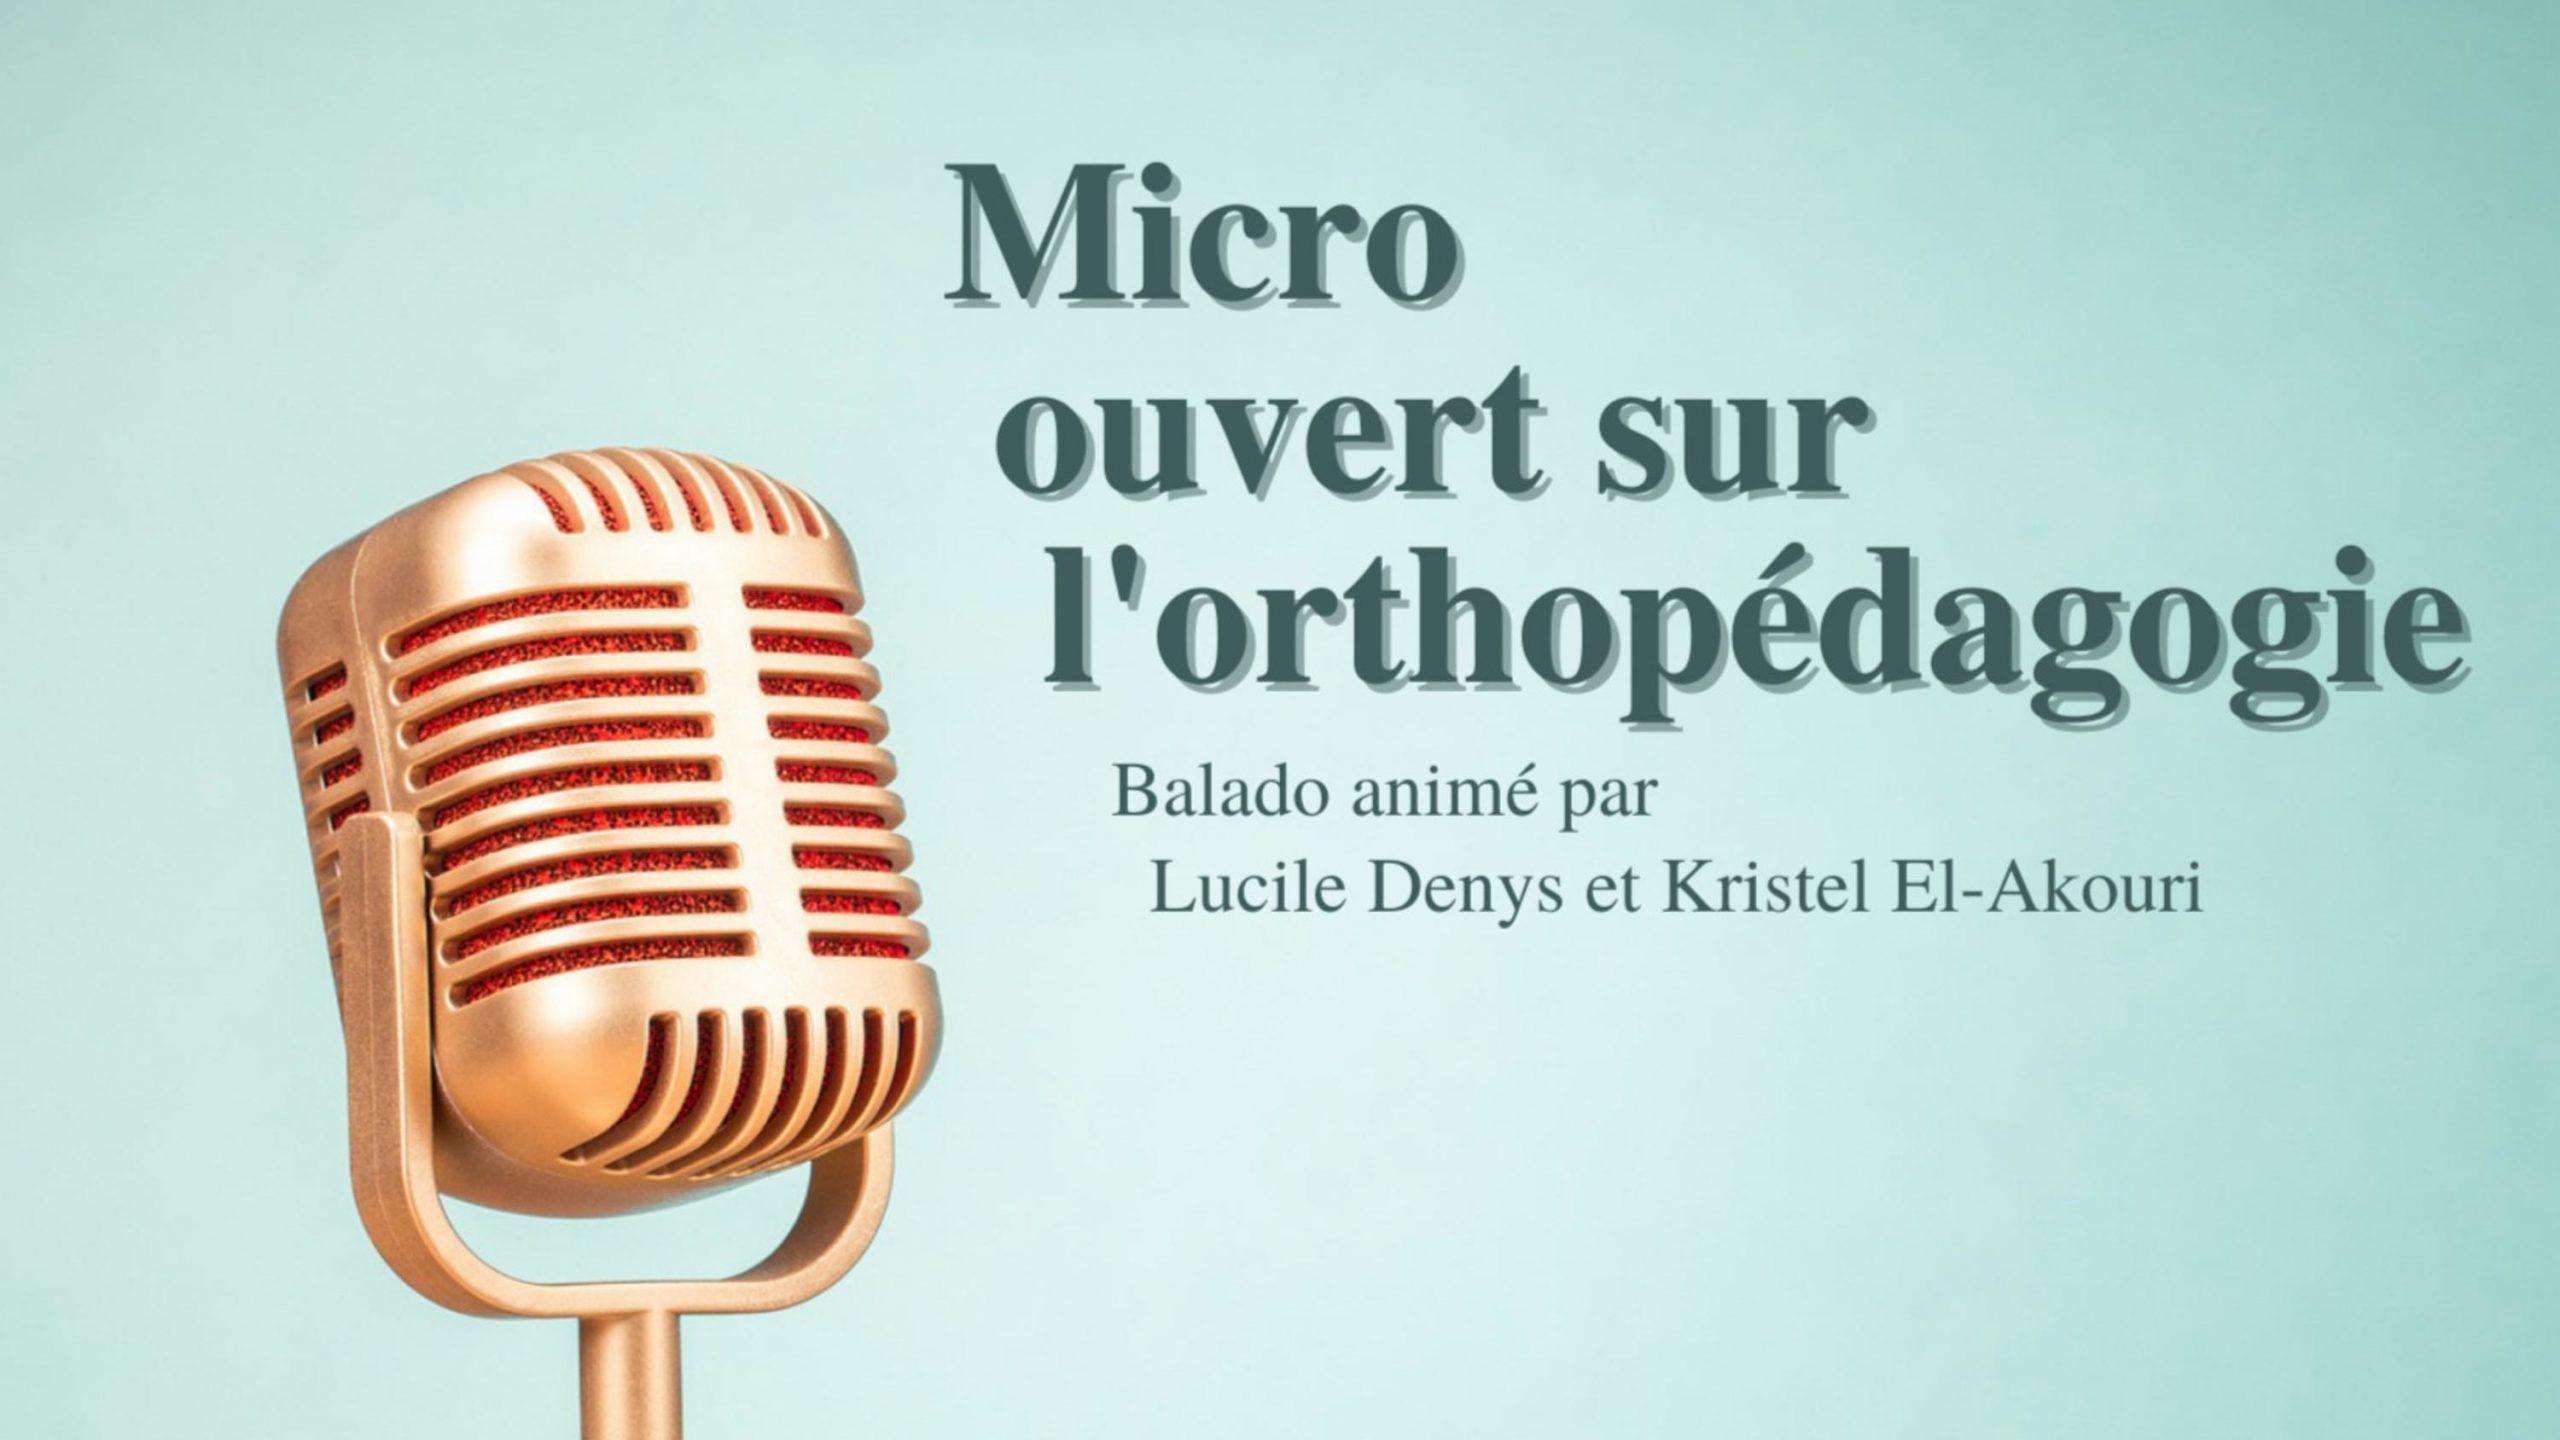 Micro ouvert sur l'orthopédagogie